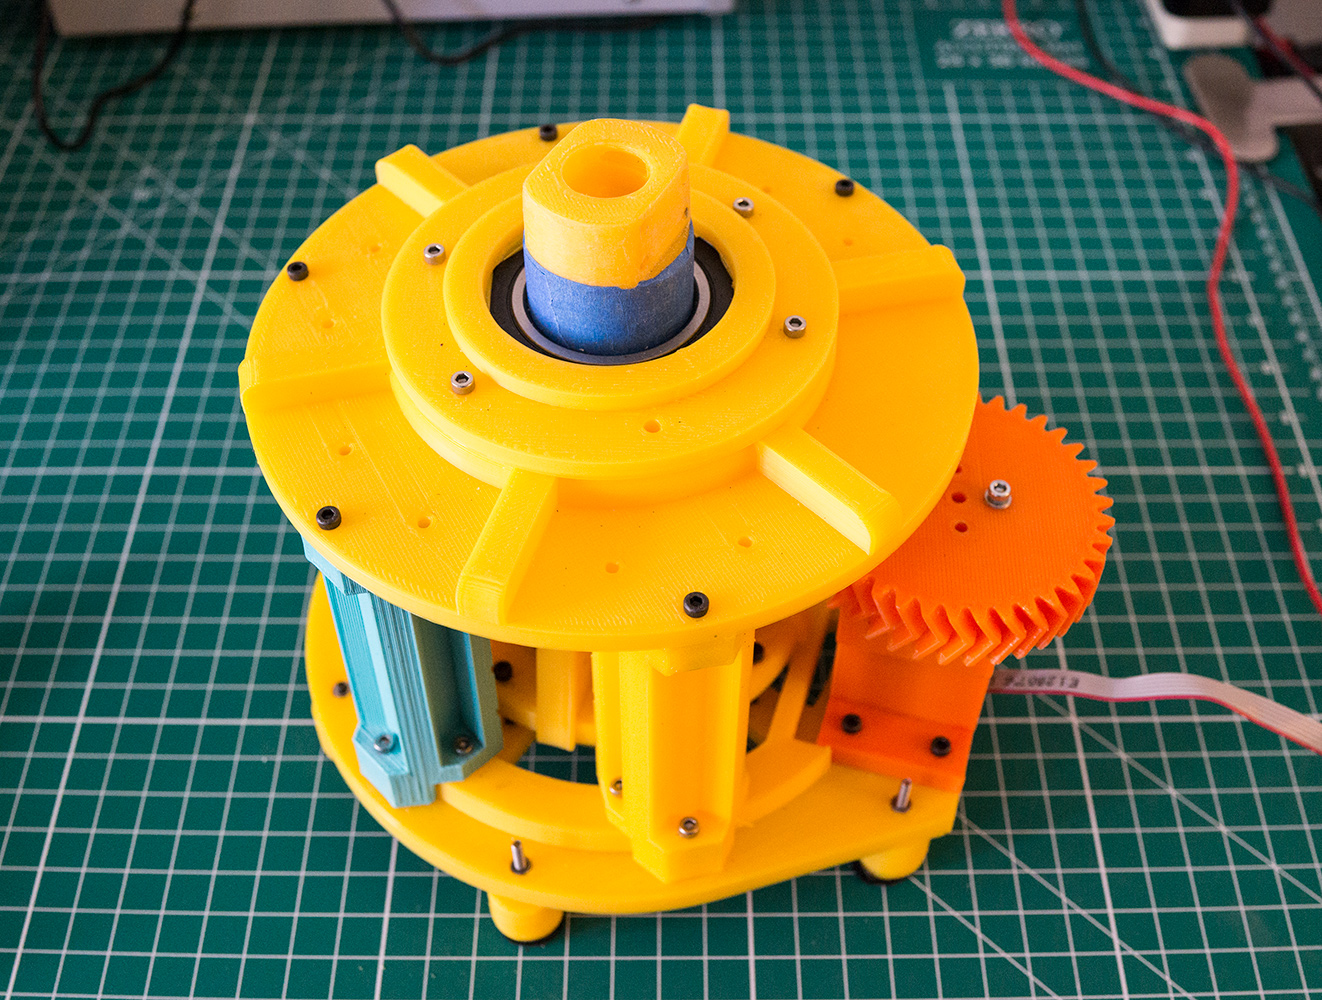 Robot Arm Mechanical Design V2: Base | Luke Metz